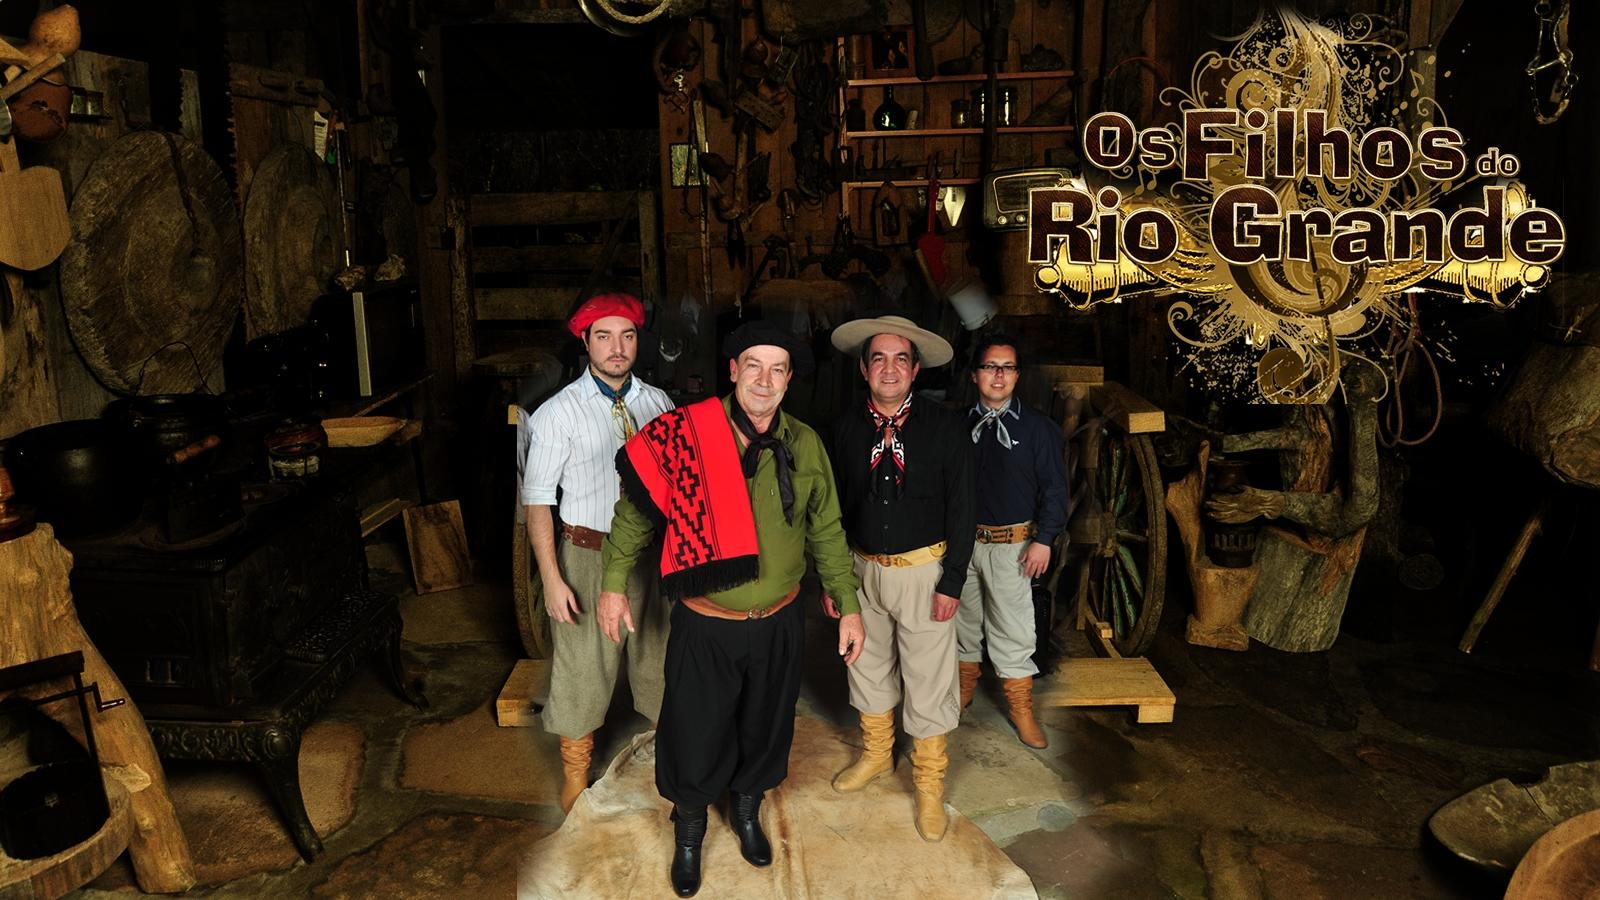 Recanto Das Gaitas Biografia  Os Filhos do Rio Grande